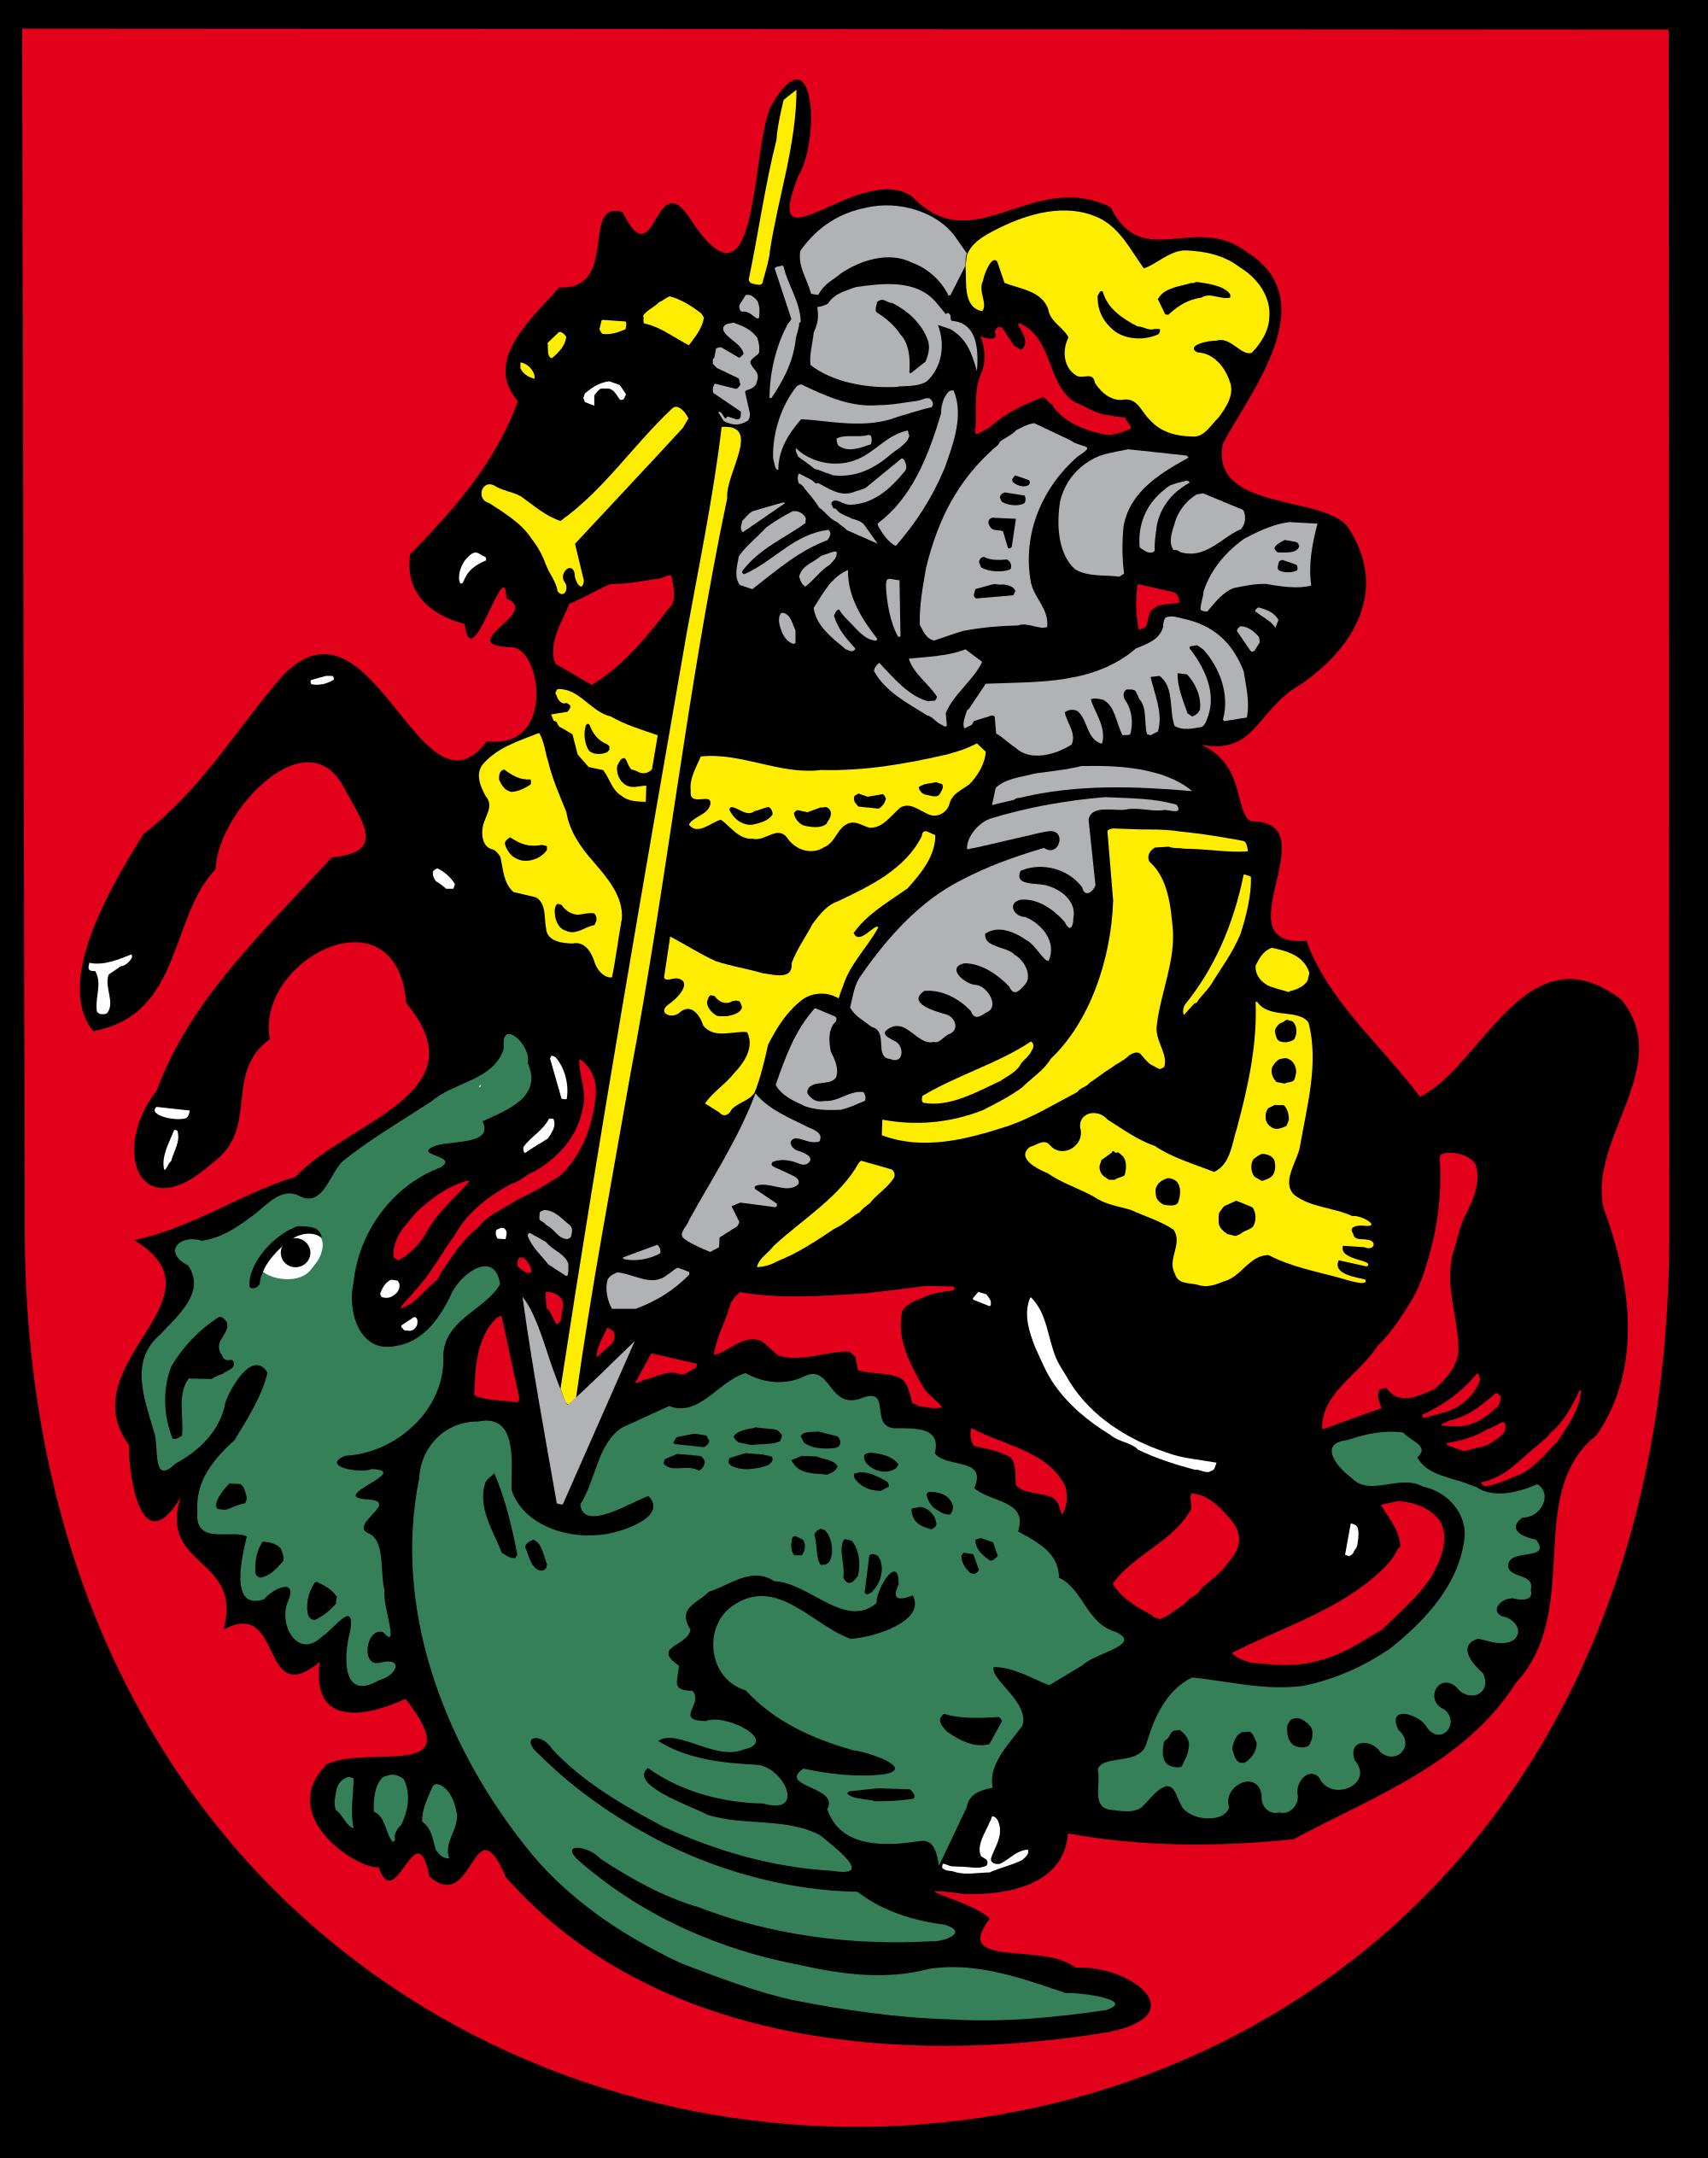 File:Wappen Schwarzenberg Erzgebirge.svg.